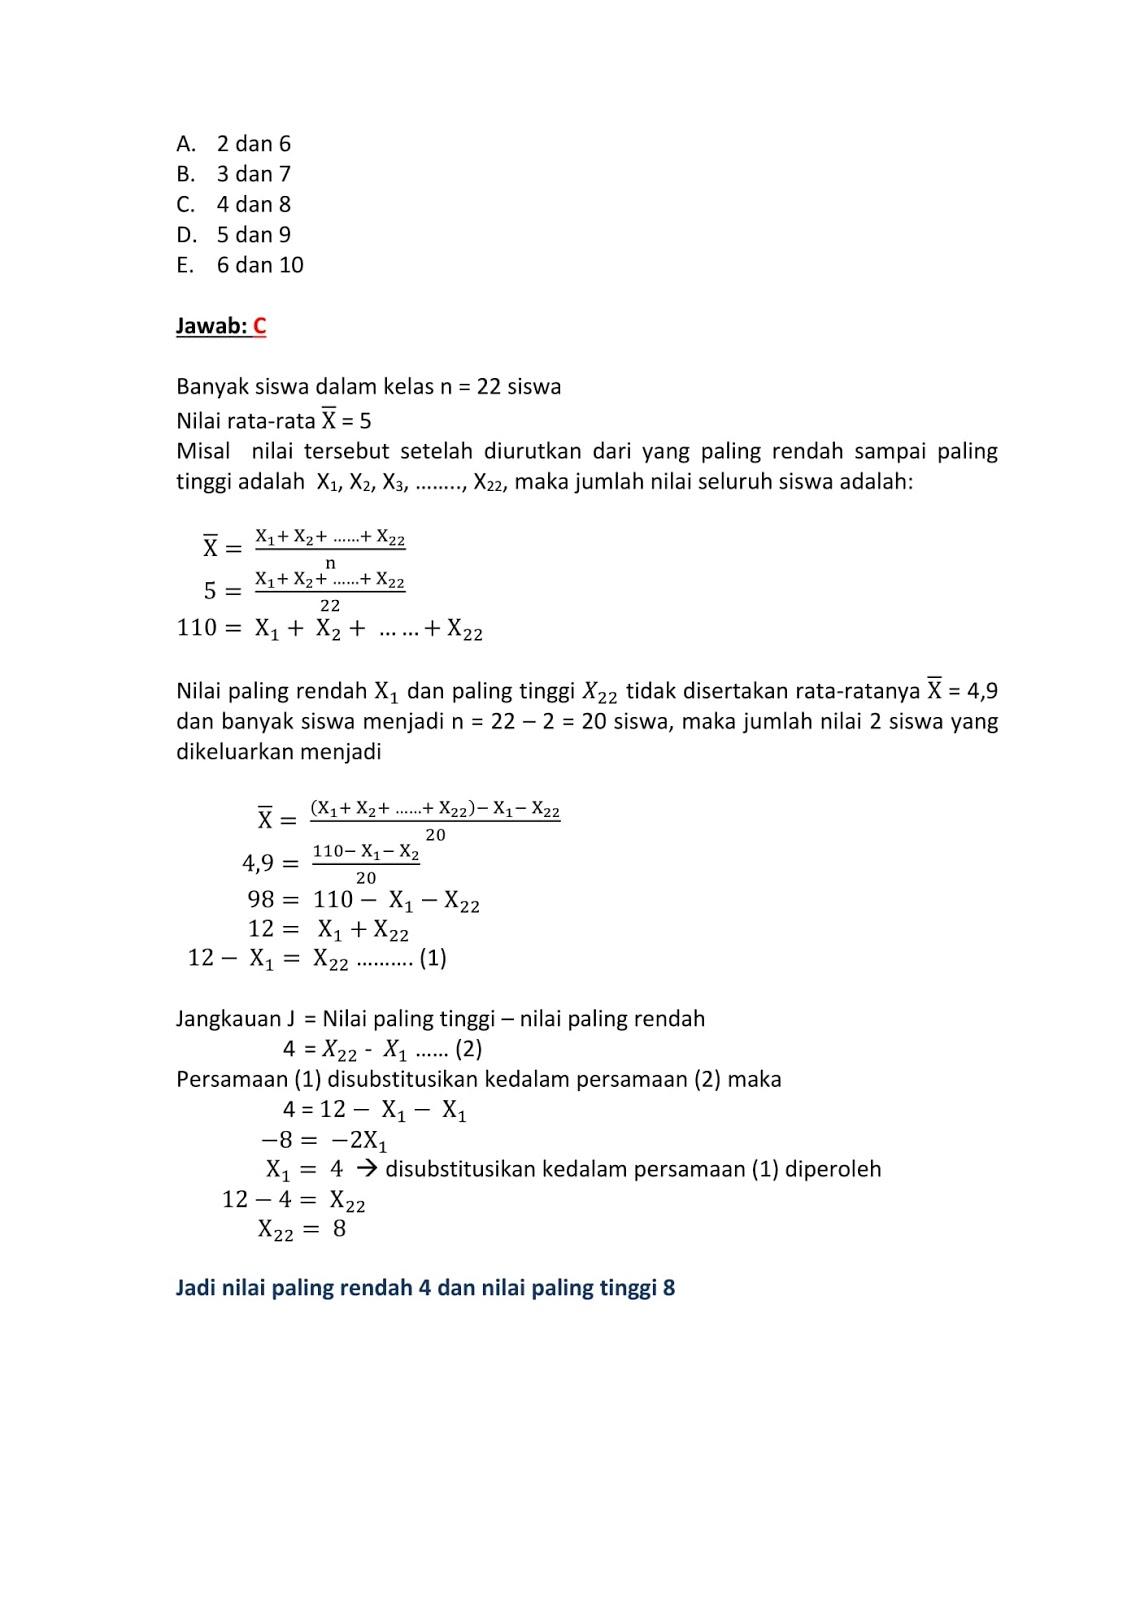 Contoh Soal Statistika Dan Pembahasannya Kelas 12 Kumpulan Soal Pelajaran 10